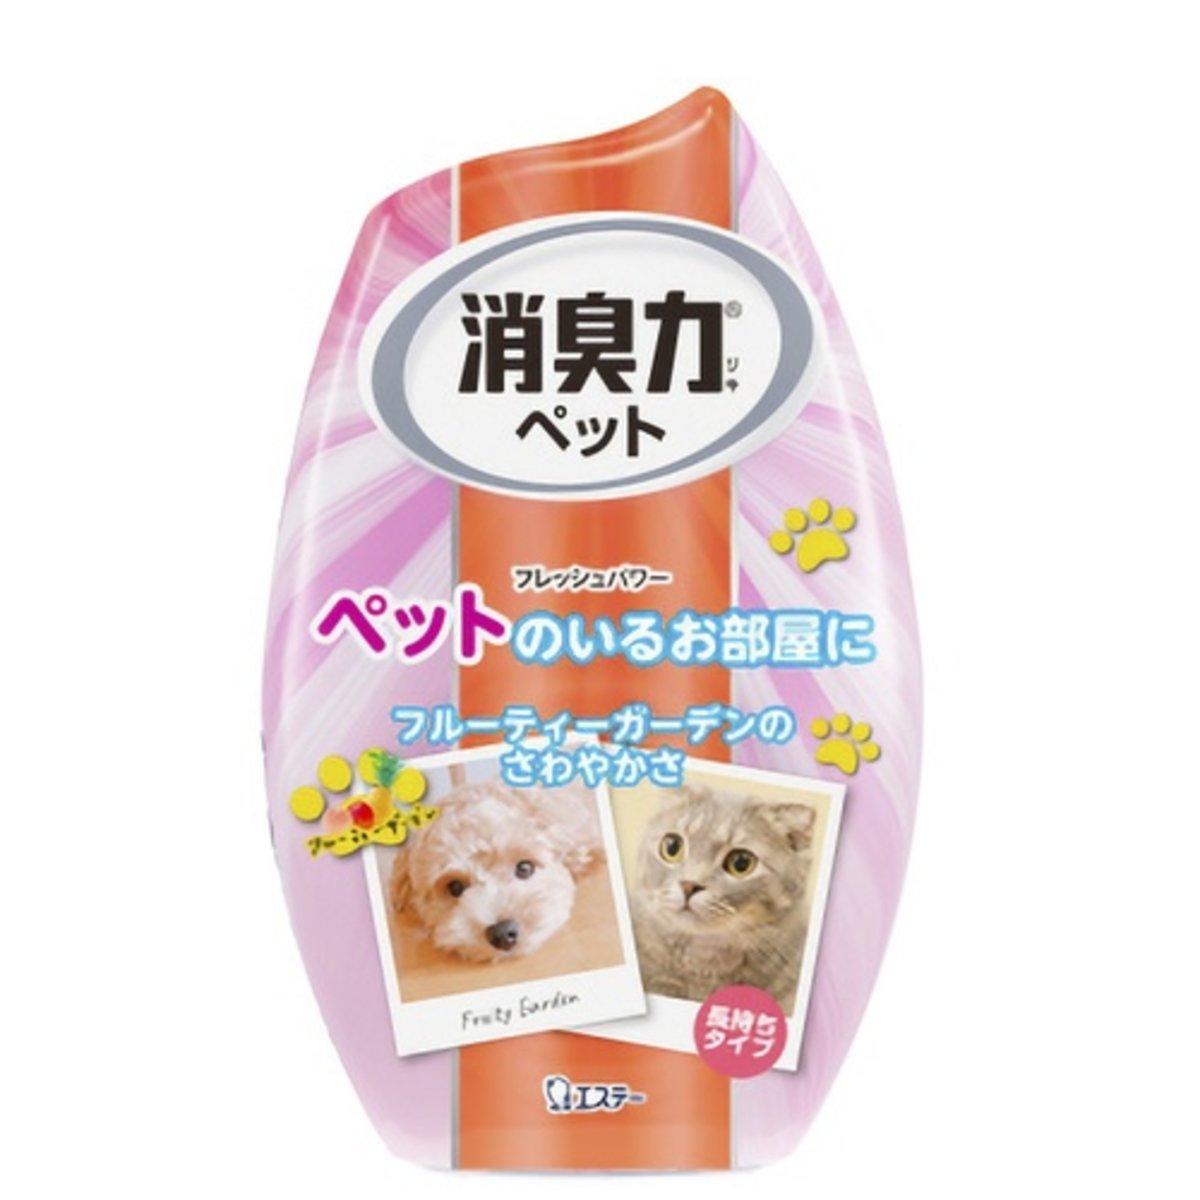 雞仔牌 室內消臭劑(寵物) #果香 400ml